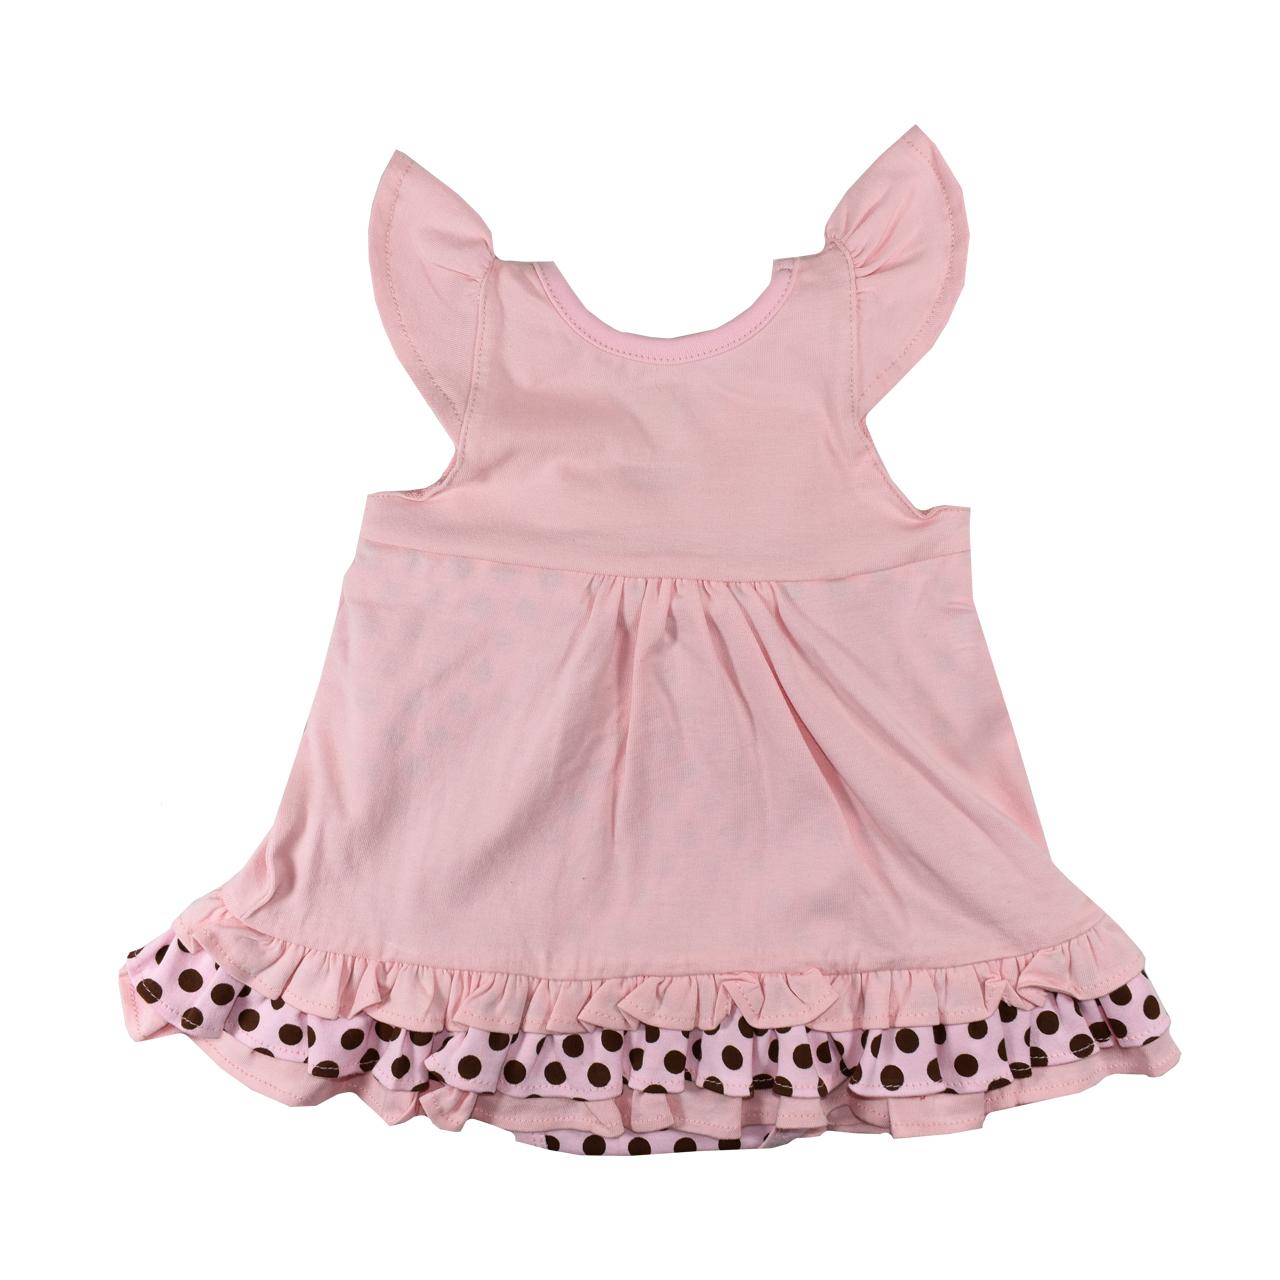 پیراهن نوزادی دخترانه نیروان کد 409